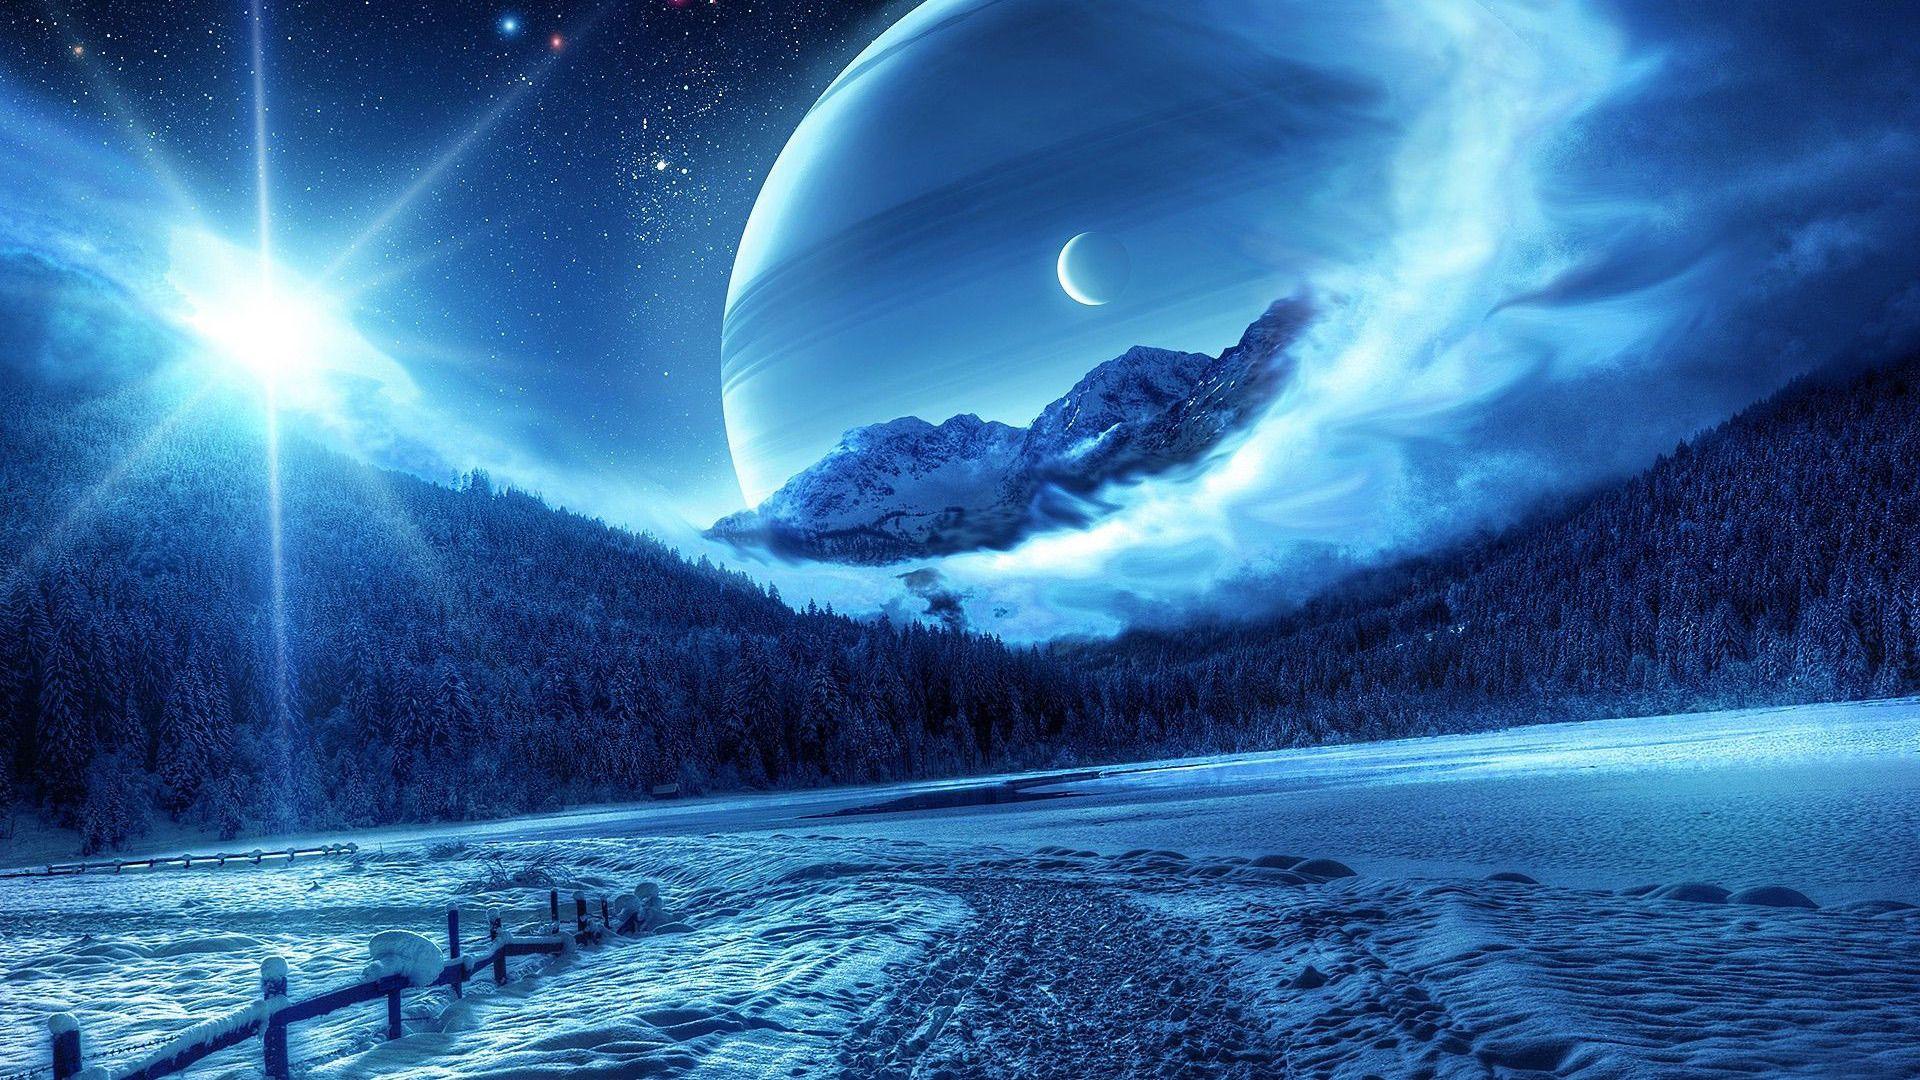 Fond d cran hd paysage fantastique fantastique for Photo fond ecran paysage